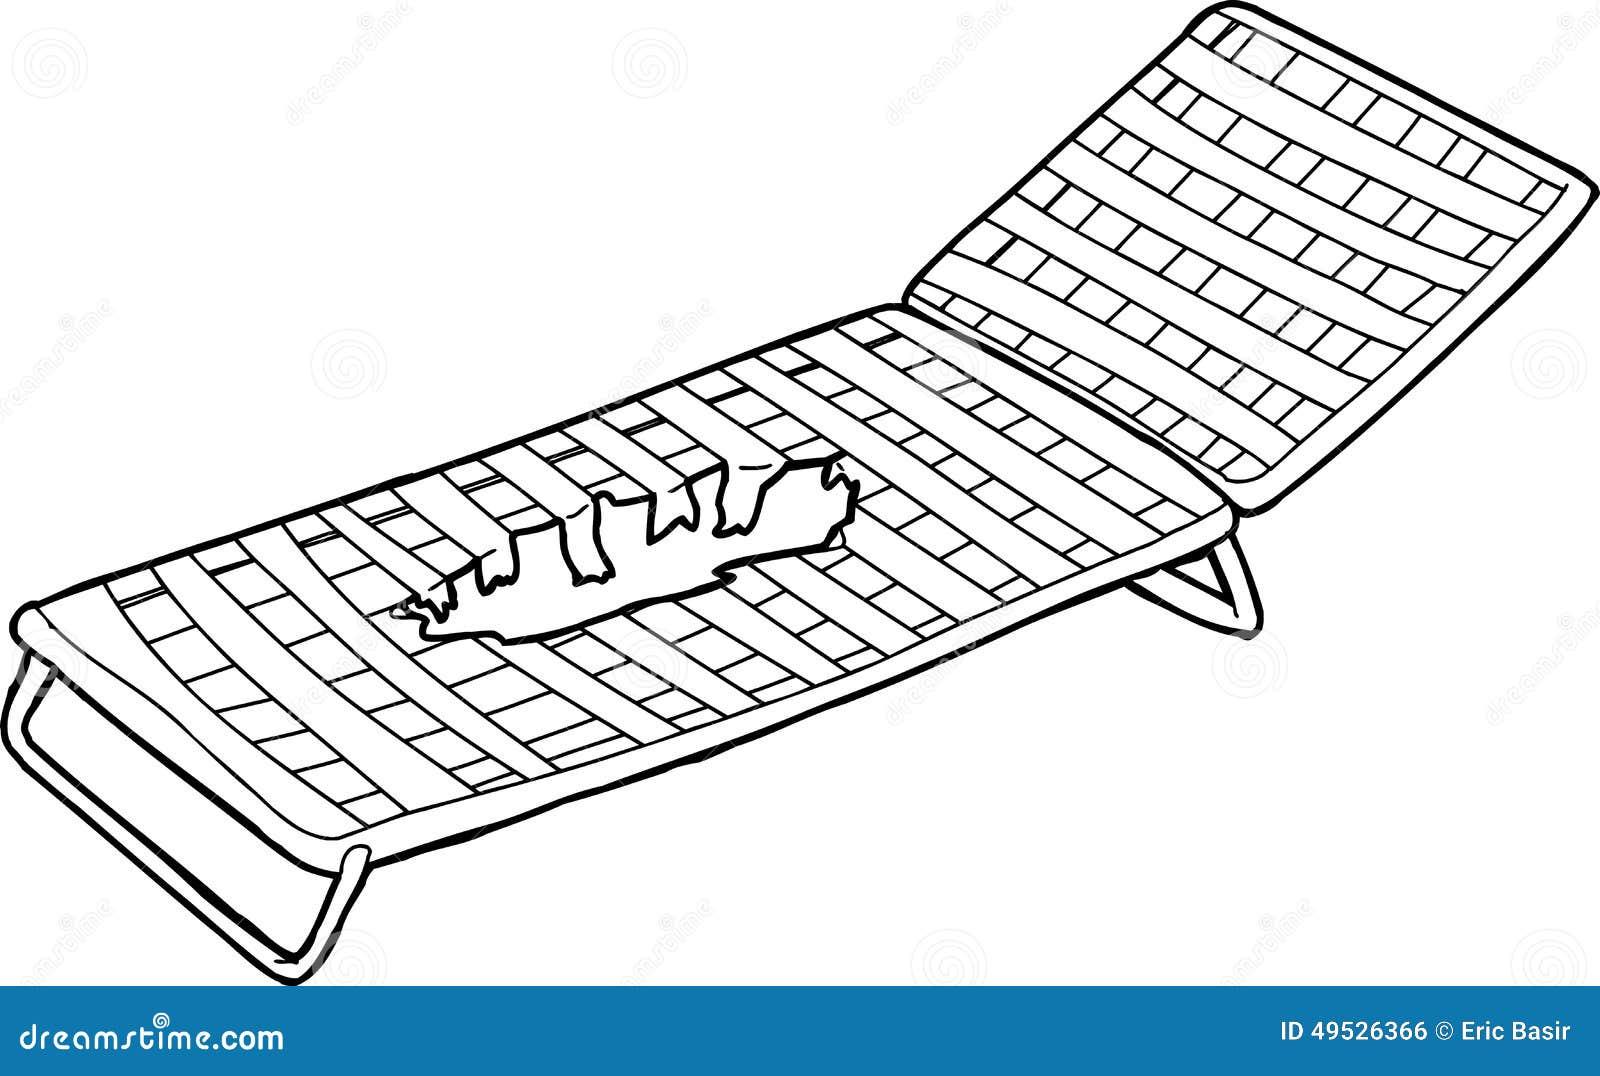 Damaged Deck Chair Outline Stock Illustration - Image: 49526366